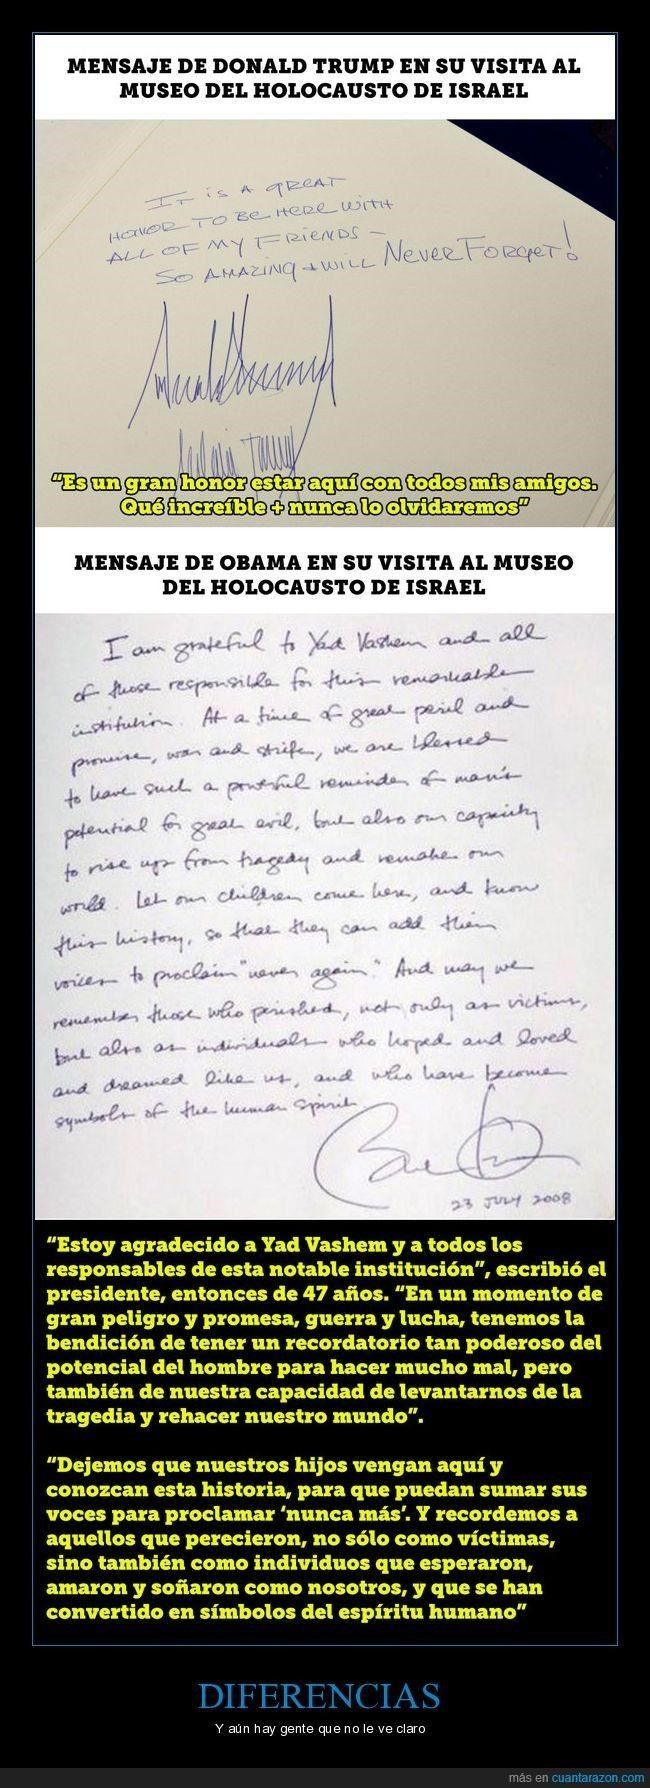 carta muestra la diferencia entre trump y obama